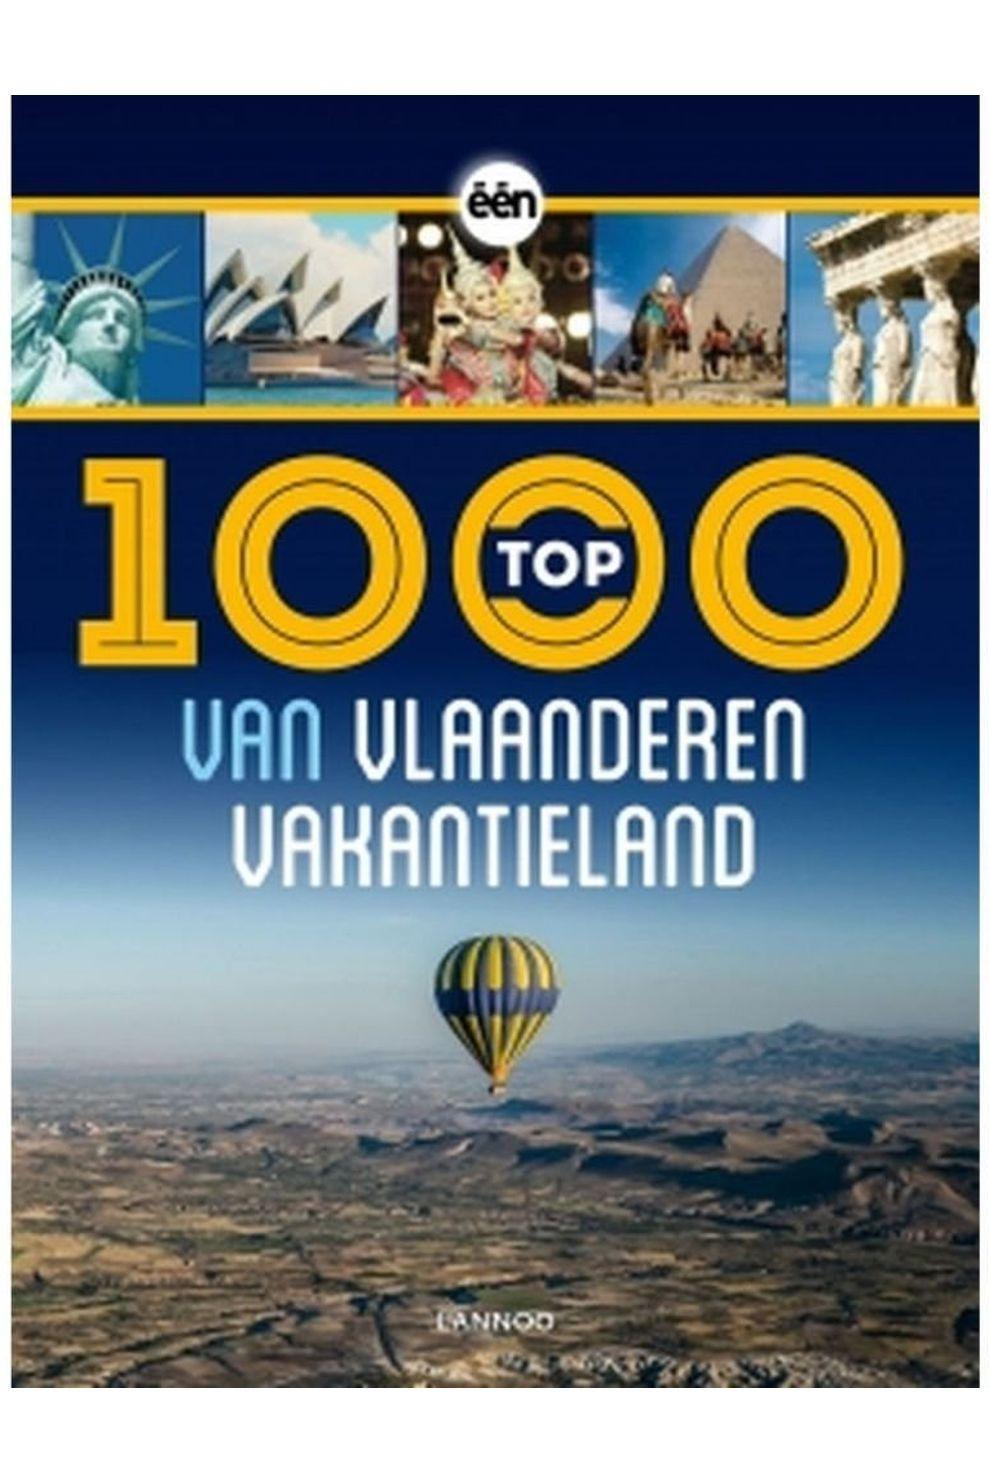 Lannoo Reisboek TOP 1000 van Vlaanderen Vakantieland - 2014